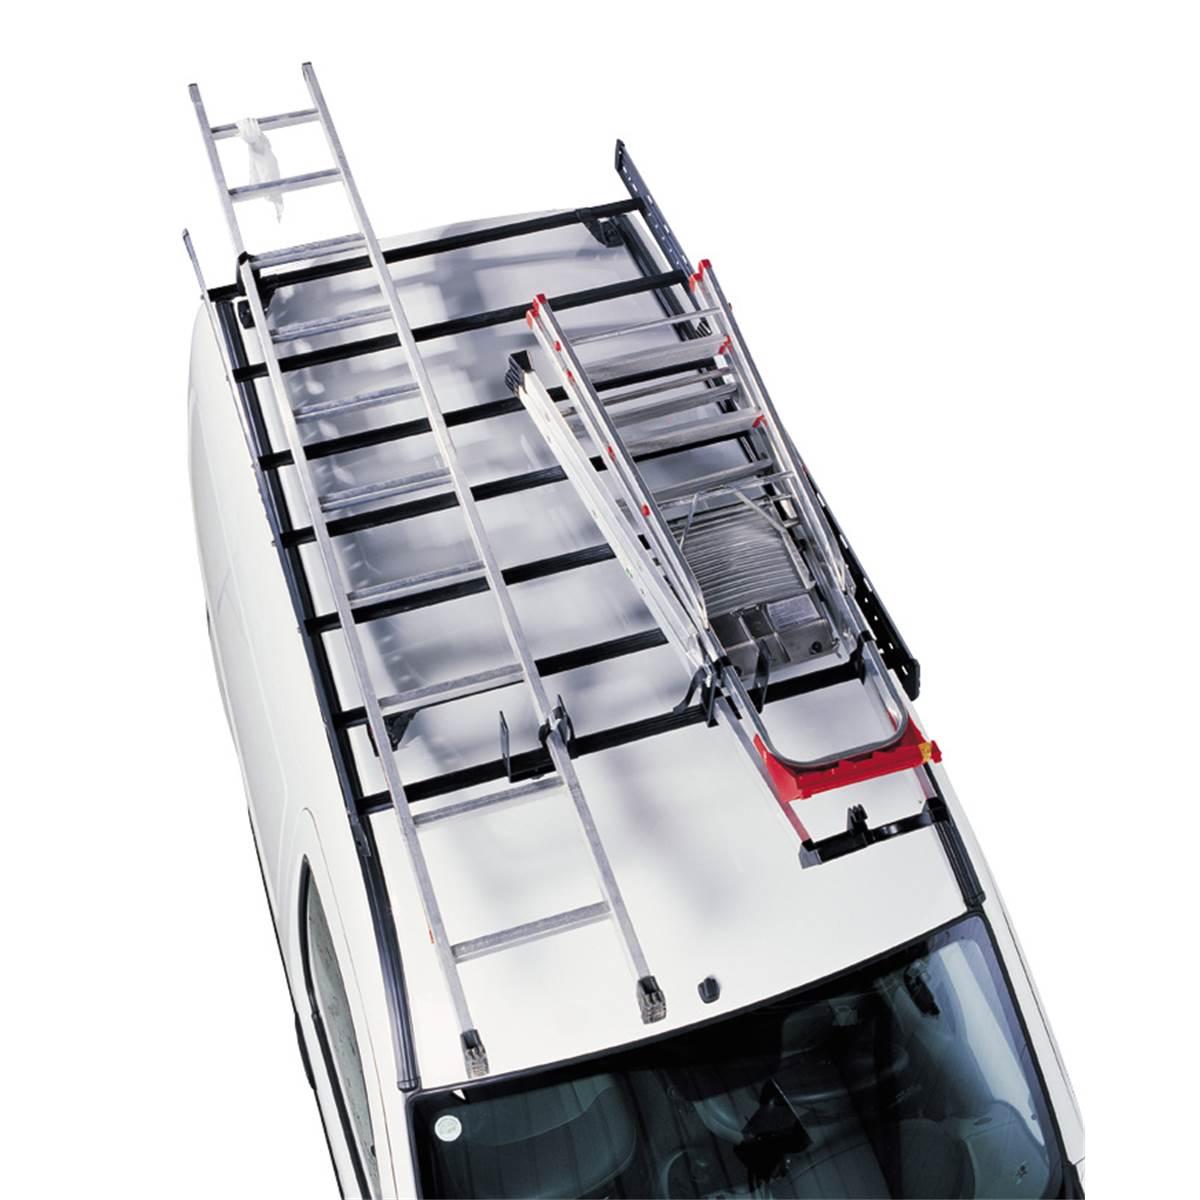 Galerie pour véhicule utilitaire PRO DECK MONT BLANC 505